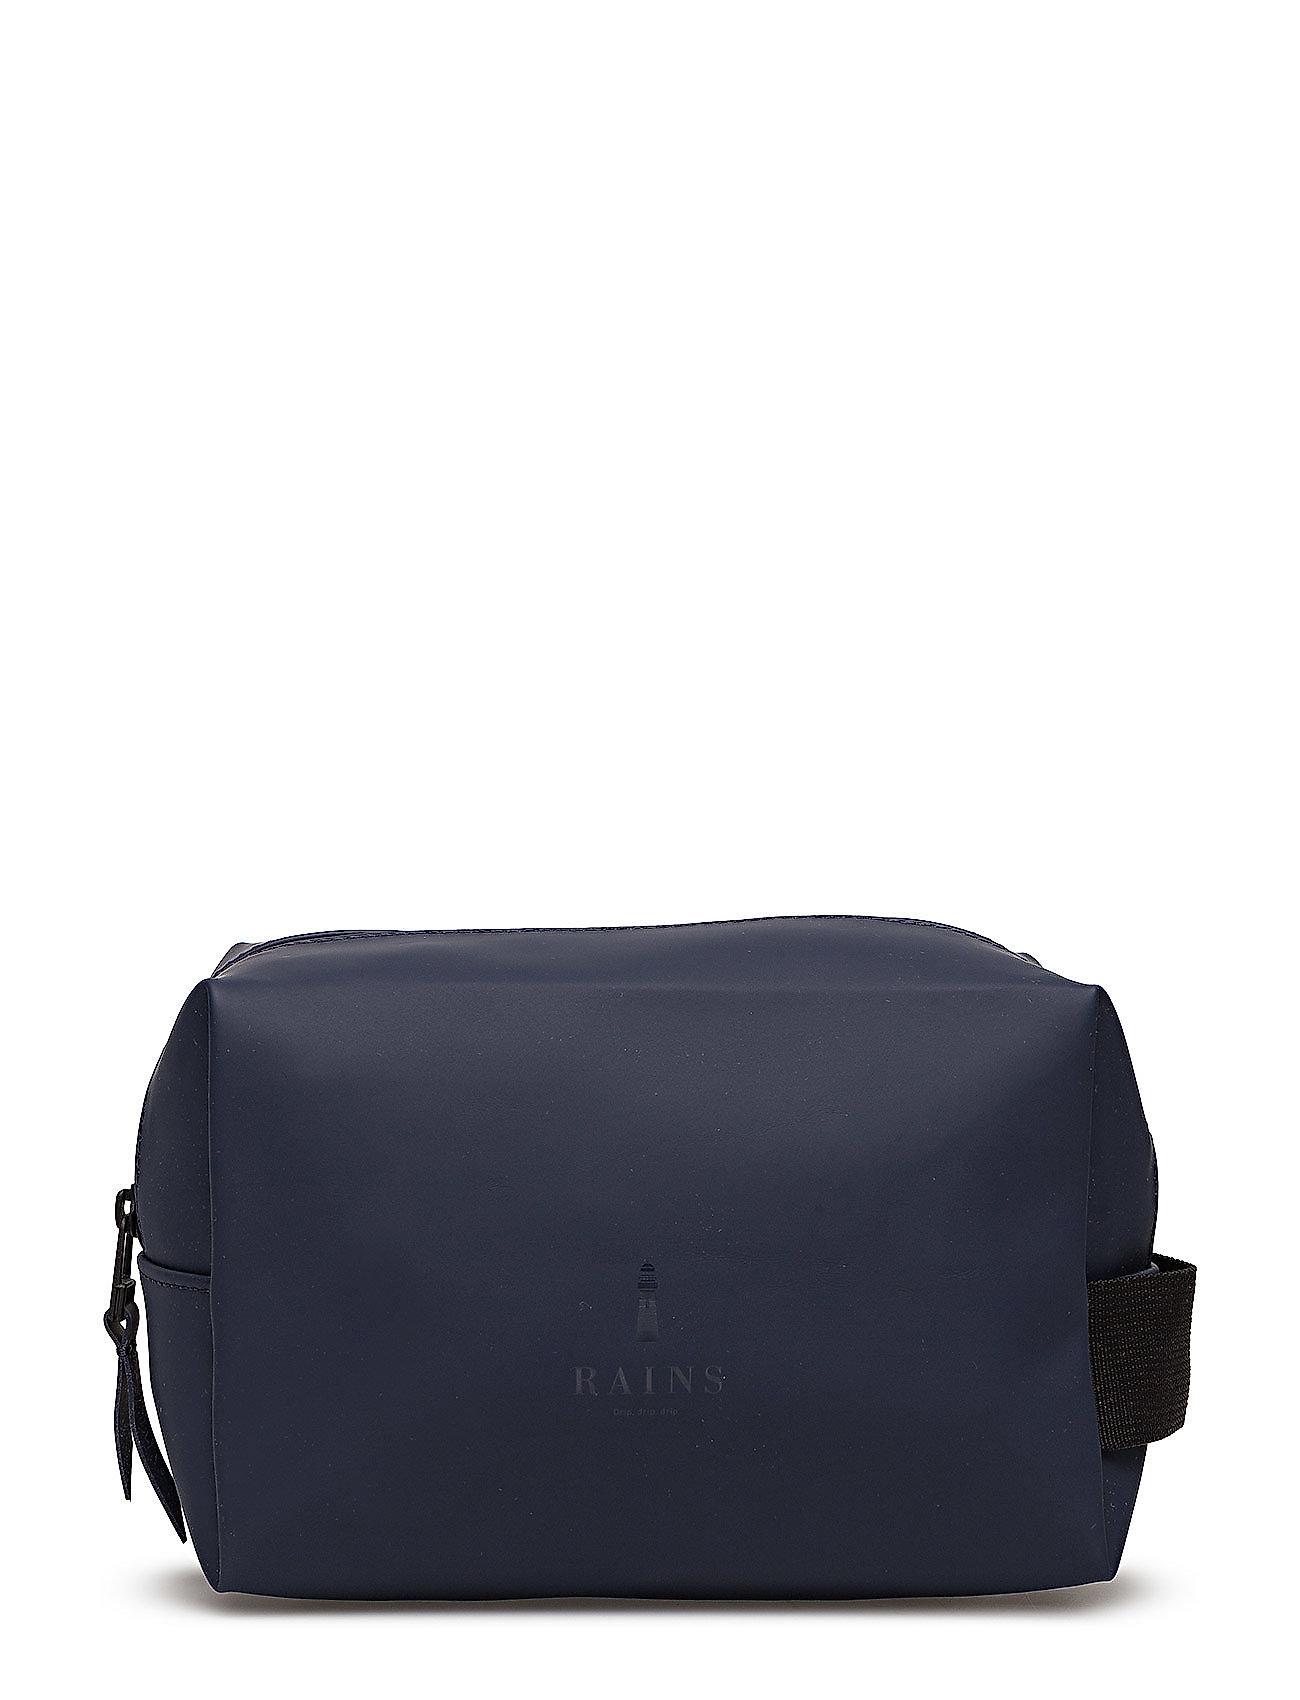 Image of Wash Bag Small (3113793831)